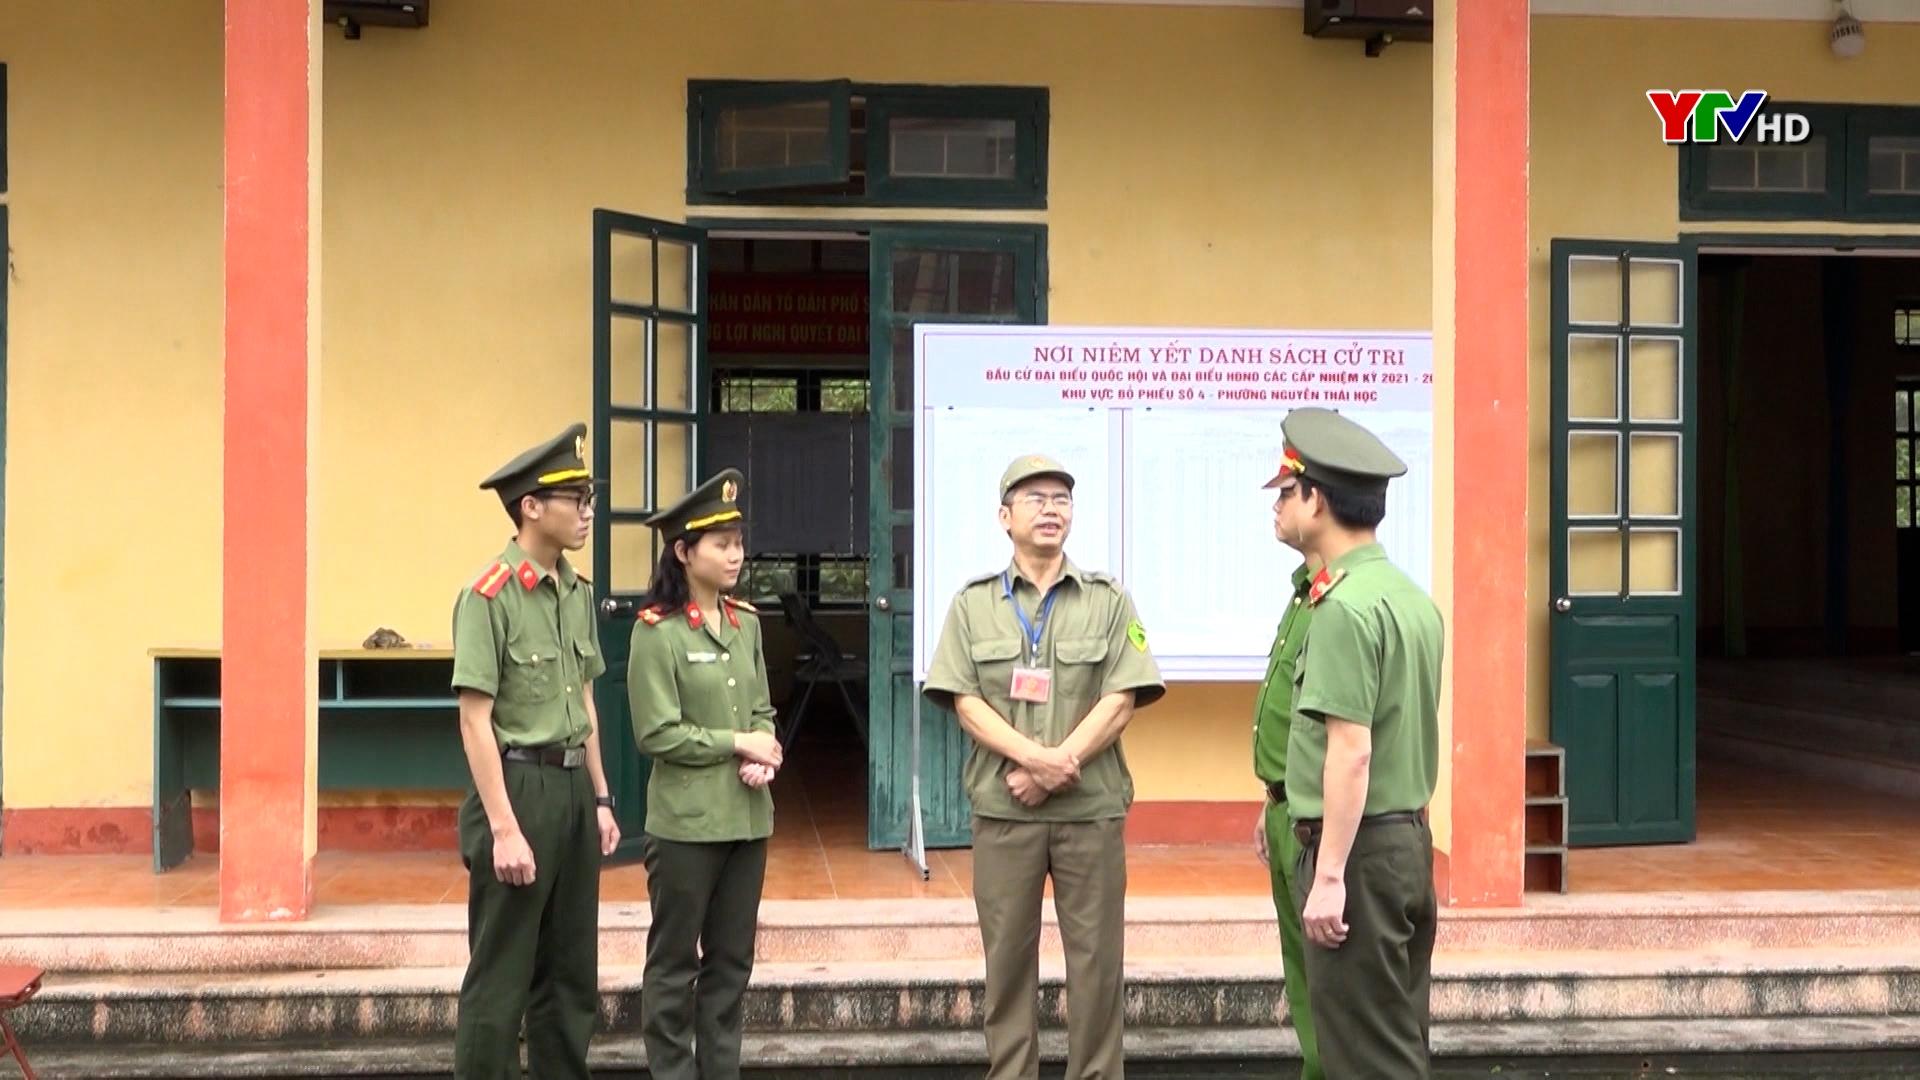 Công an TP Yên Bái đảm bảo an ninh trật tự cho cuộc bầu cử